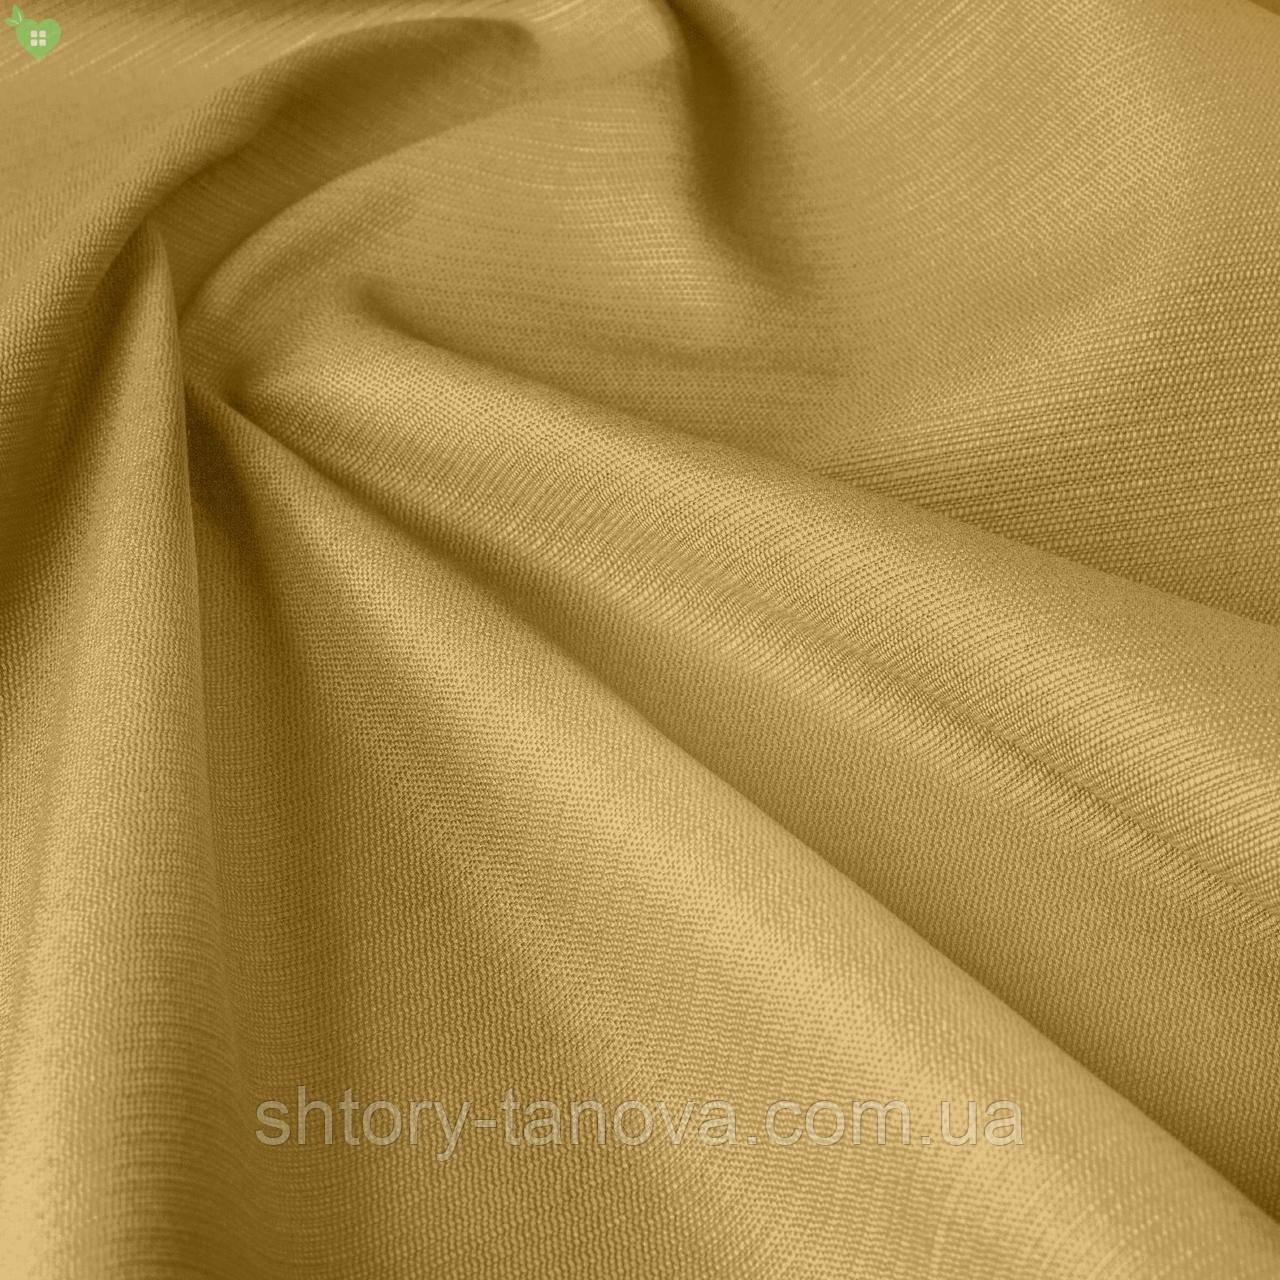 Вулична фактурна тканина коричневого кольору для садових гойдалки